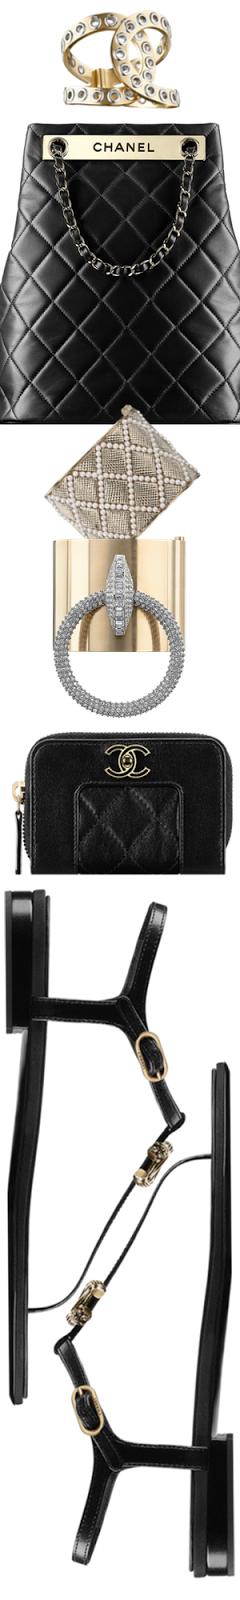 Chanel 2015/2016 Métiers d'Art